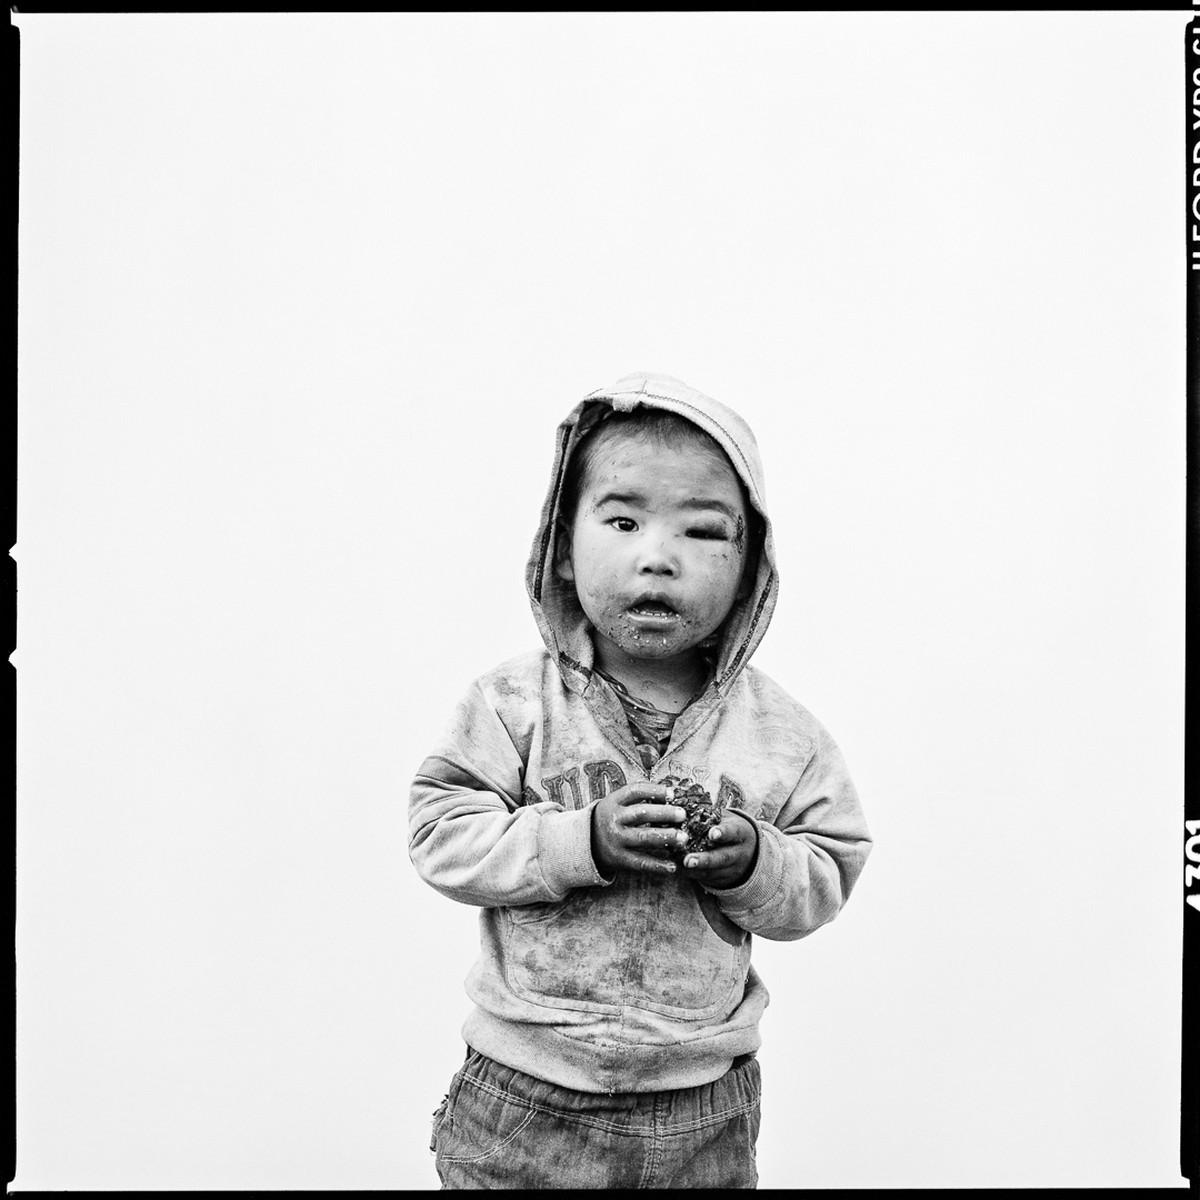 победители конкурса черно-белой детской фотографии 2018 91